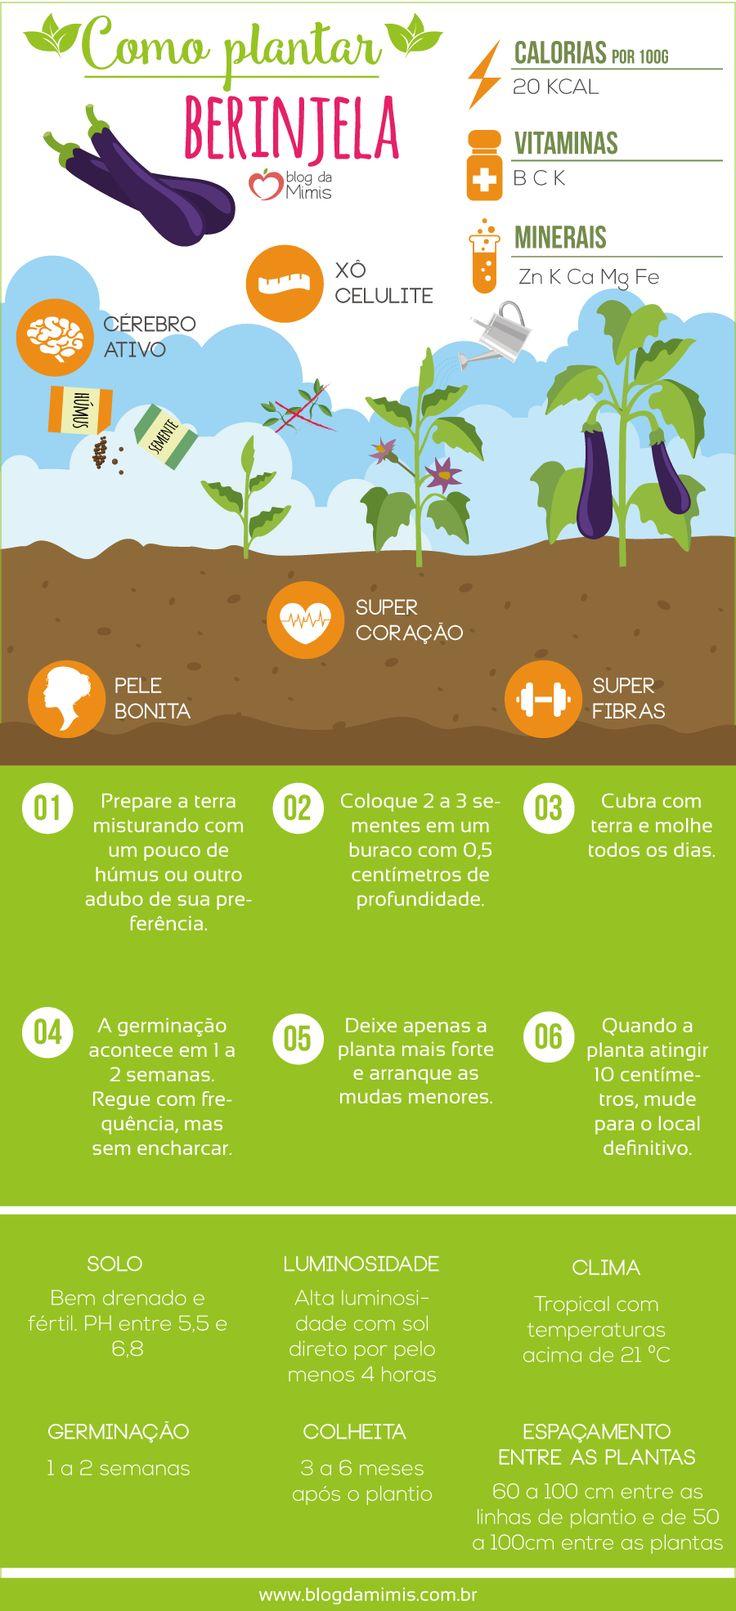 Como plantar berinjela: dicas e benefícios